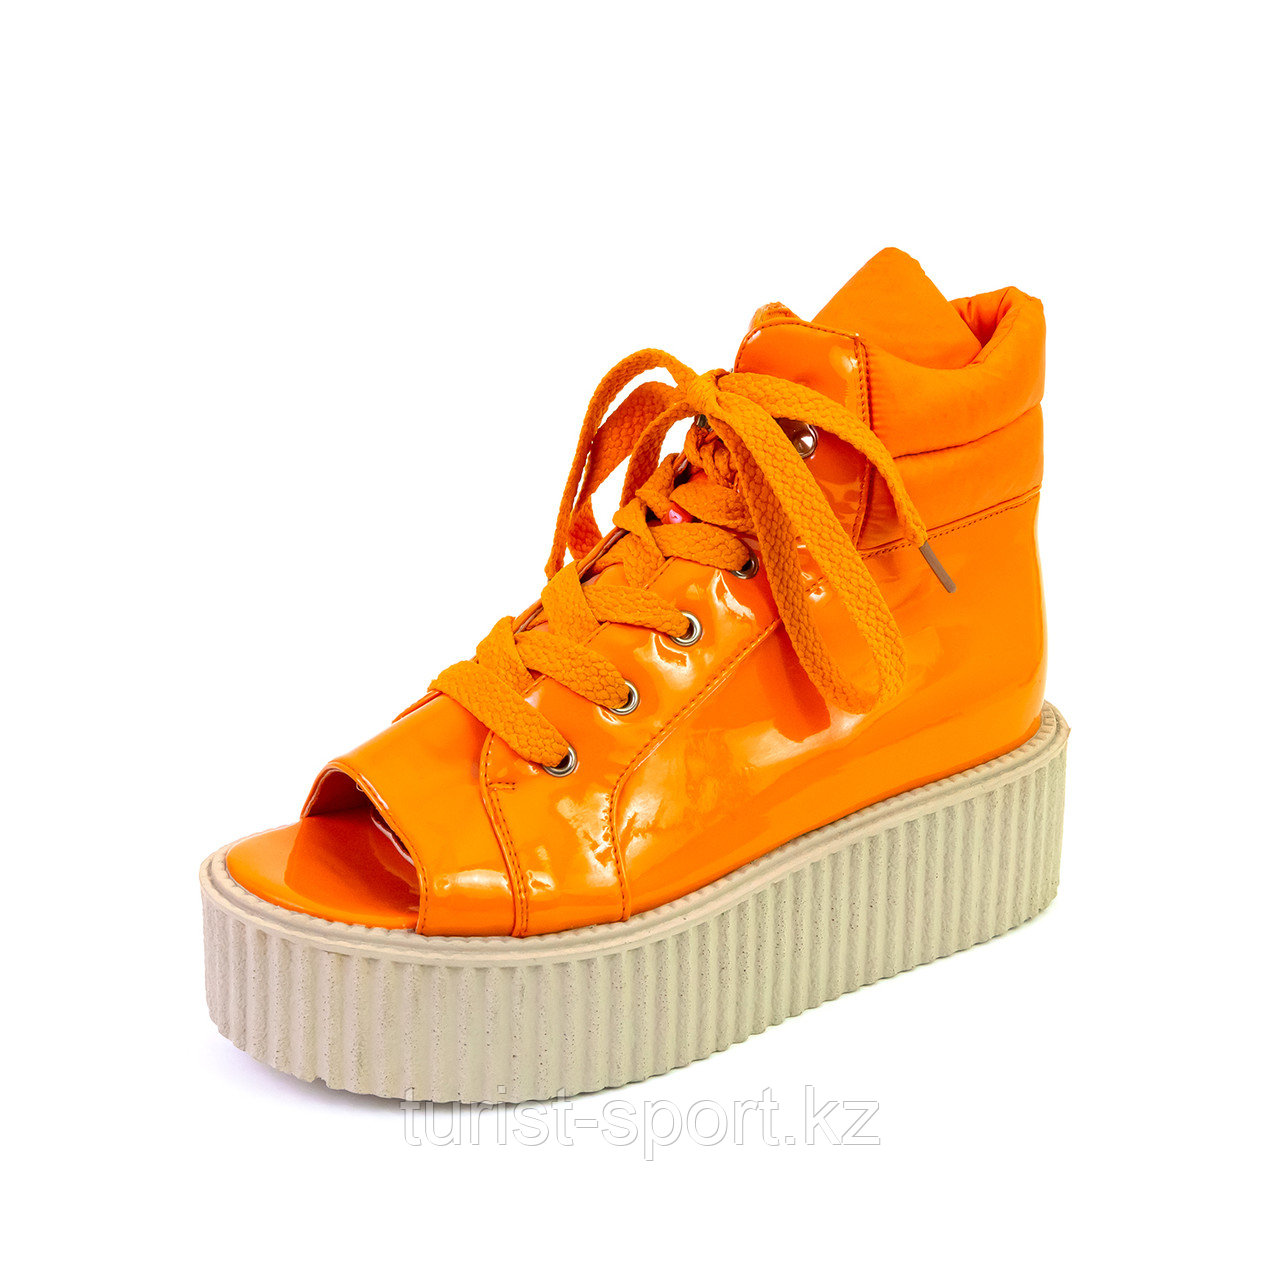 Ботинки женские со шнуровкой